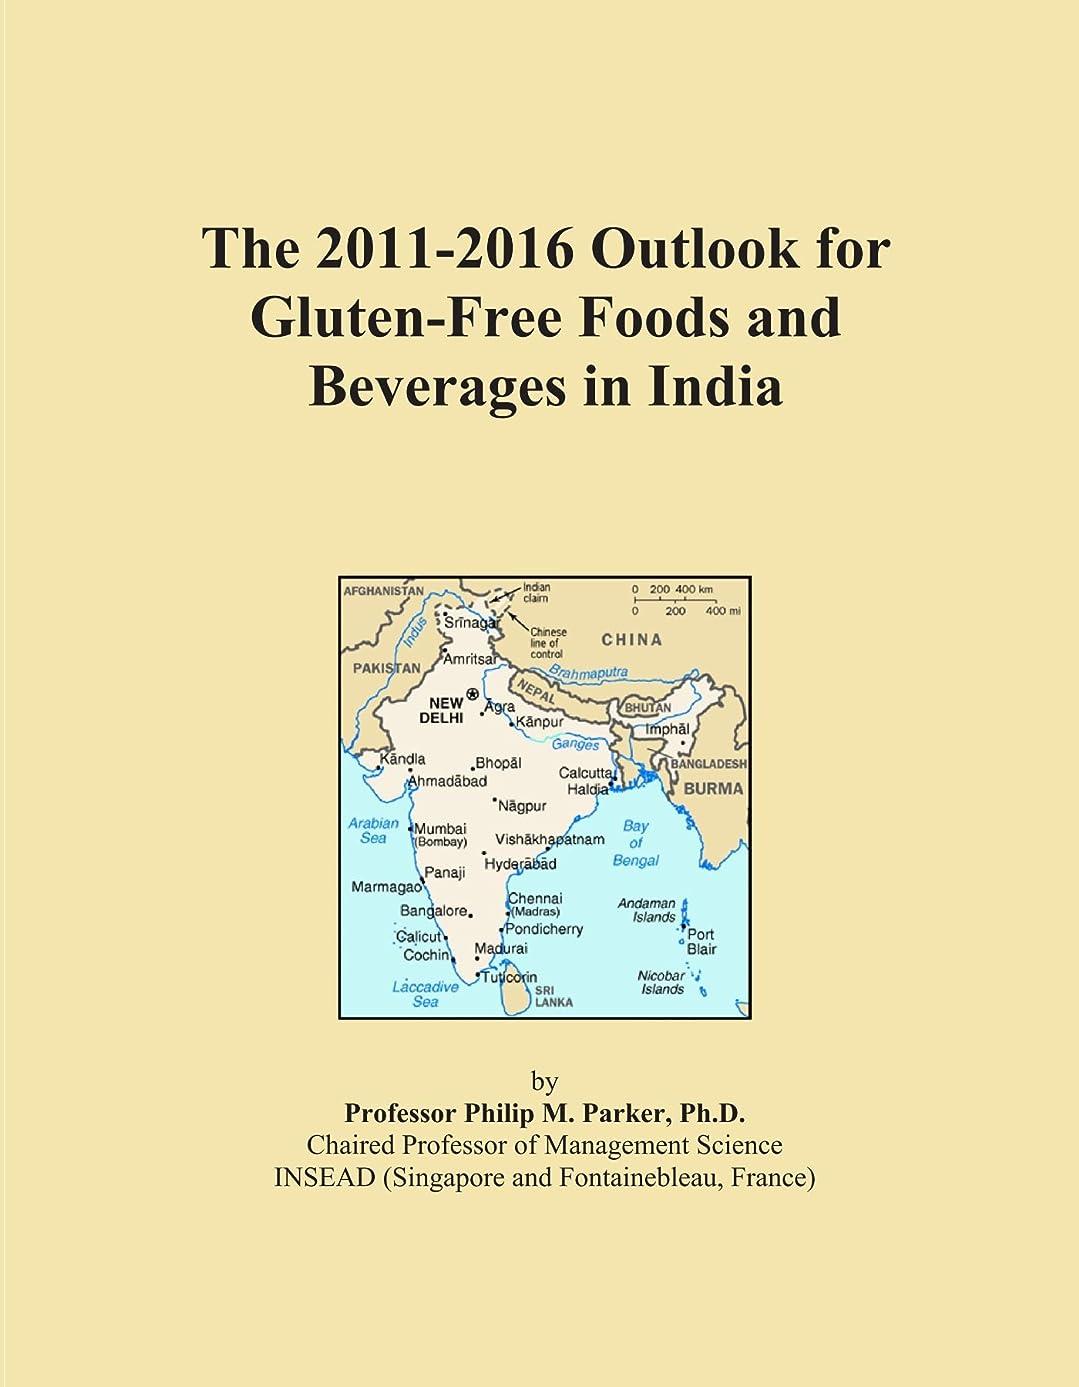 ガラガラ縞模様のスタッフThe 2011-2016 Outlook for Gluten-Free Foods and Beverages in India